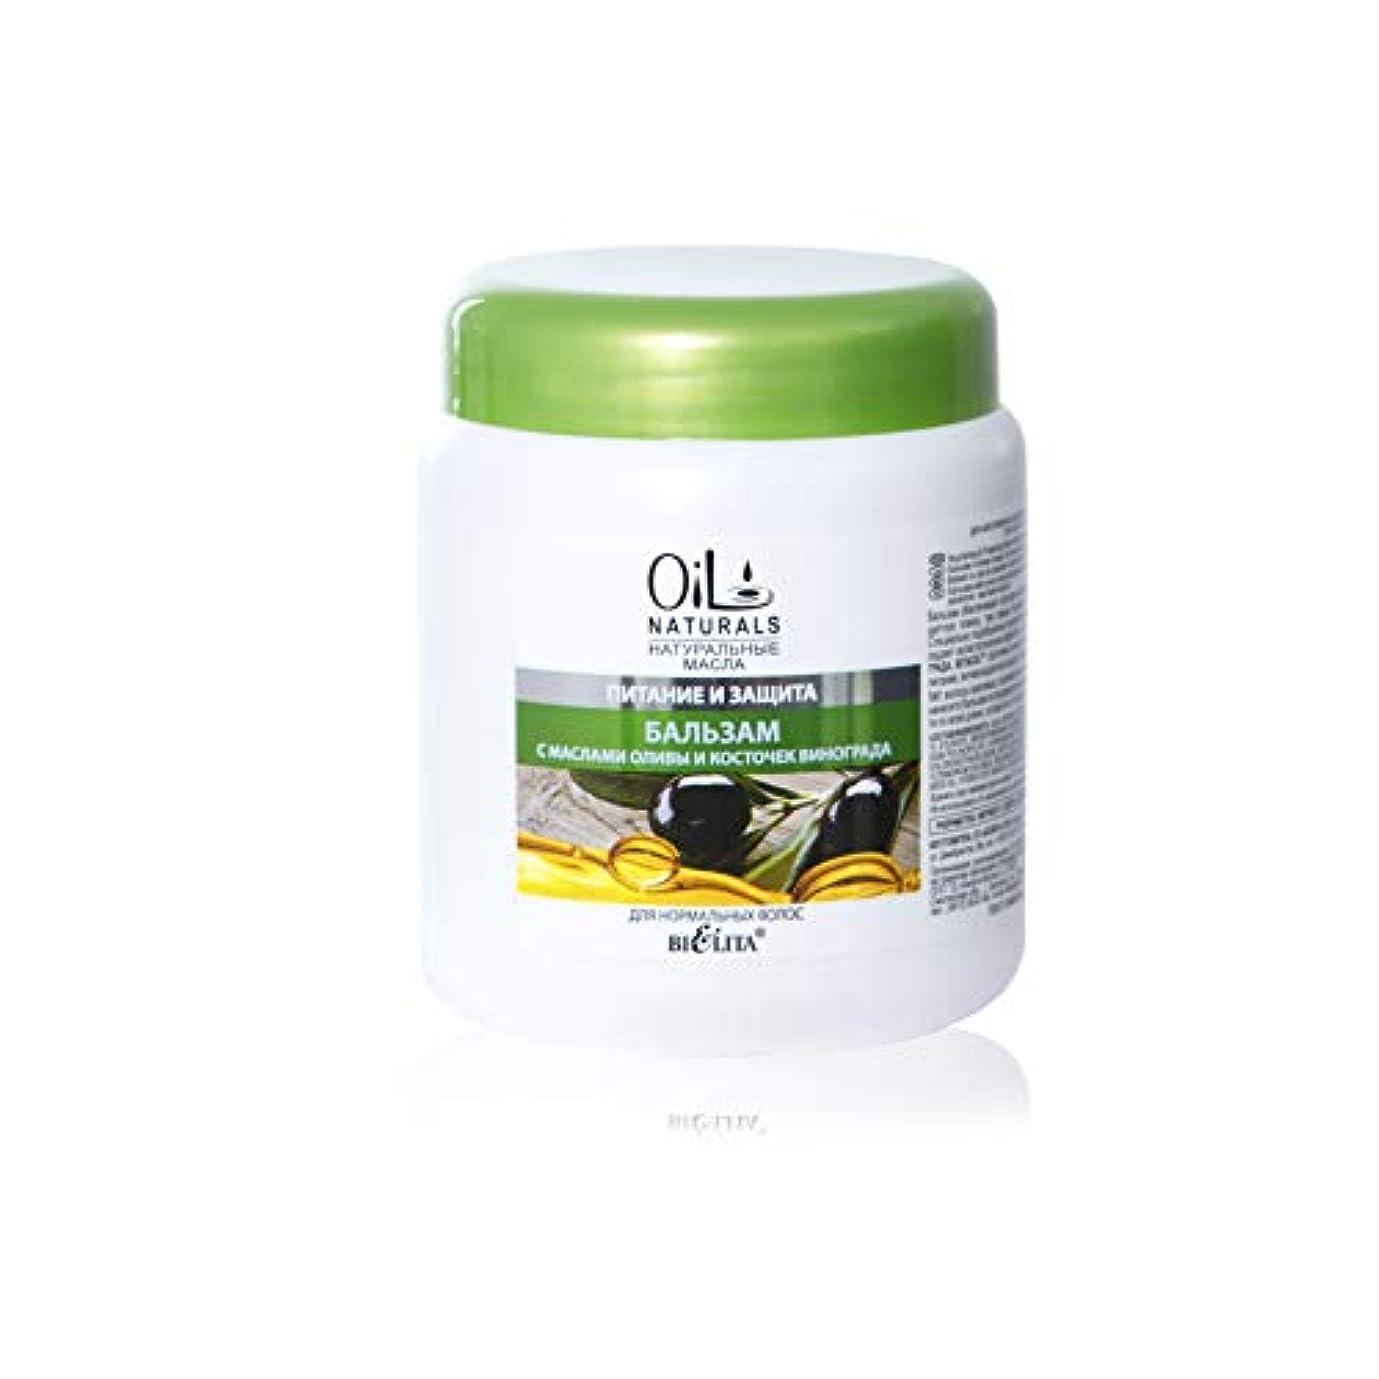 見つけるジャンプするモニカBielita & Vitex Oil Naturals Line | Nutrition & Protection Balm for Normal Hair, 450 ml | Grape Seed Oil, Silk Proteins, Olive Oil, Vitamins